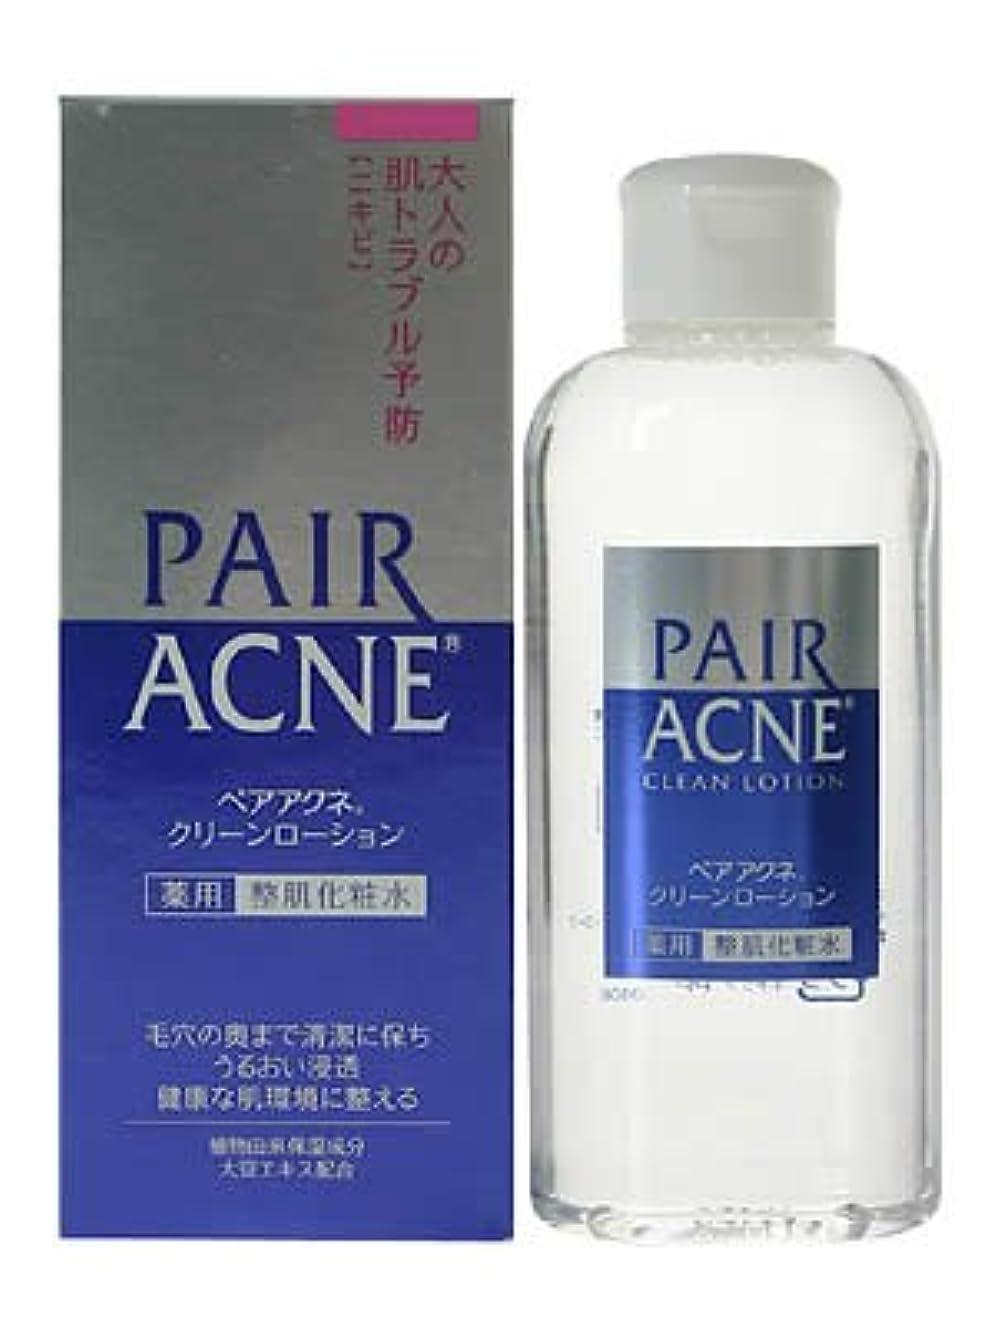 シャット流すはっきりとペアアクネ クリーンローション 160ml (薬用整肌化粧水)